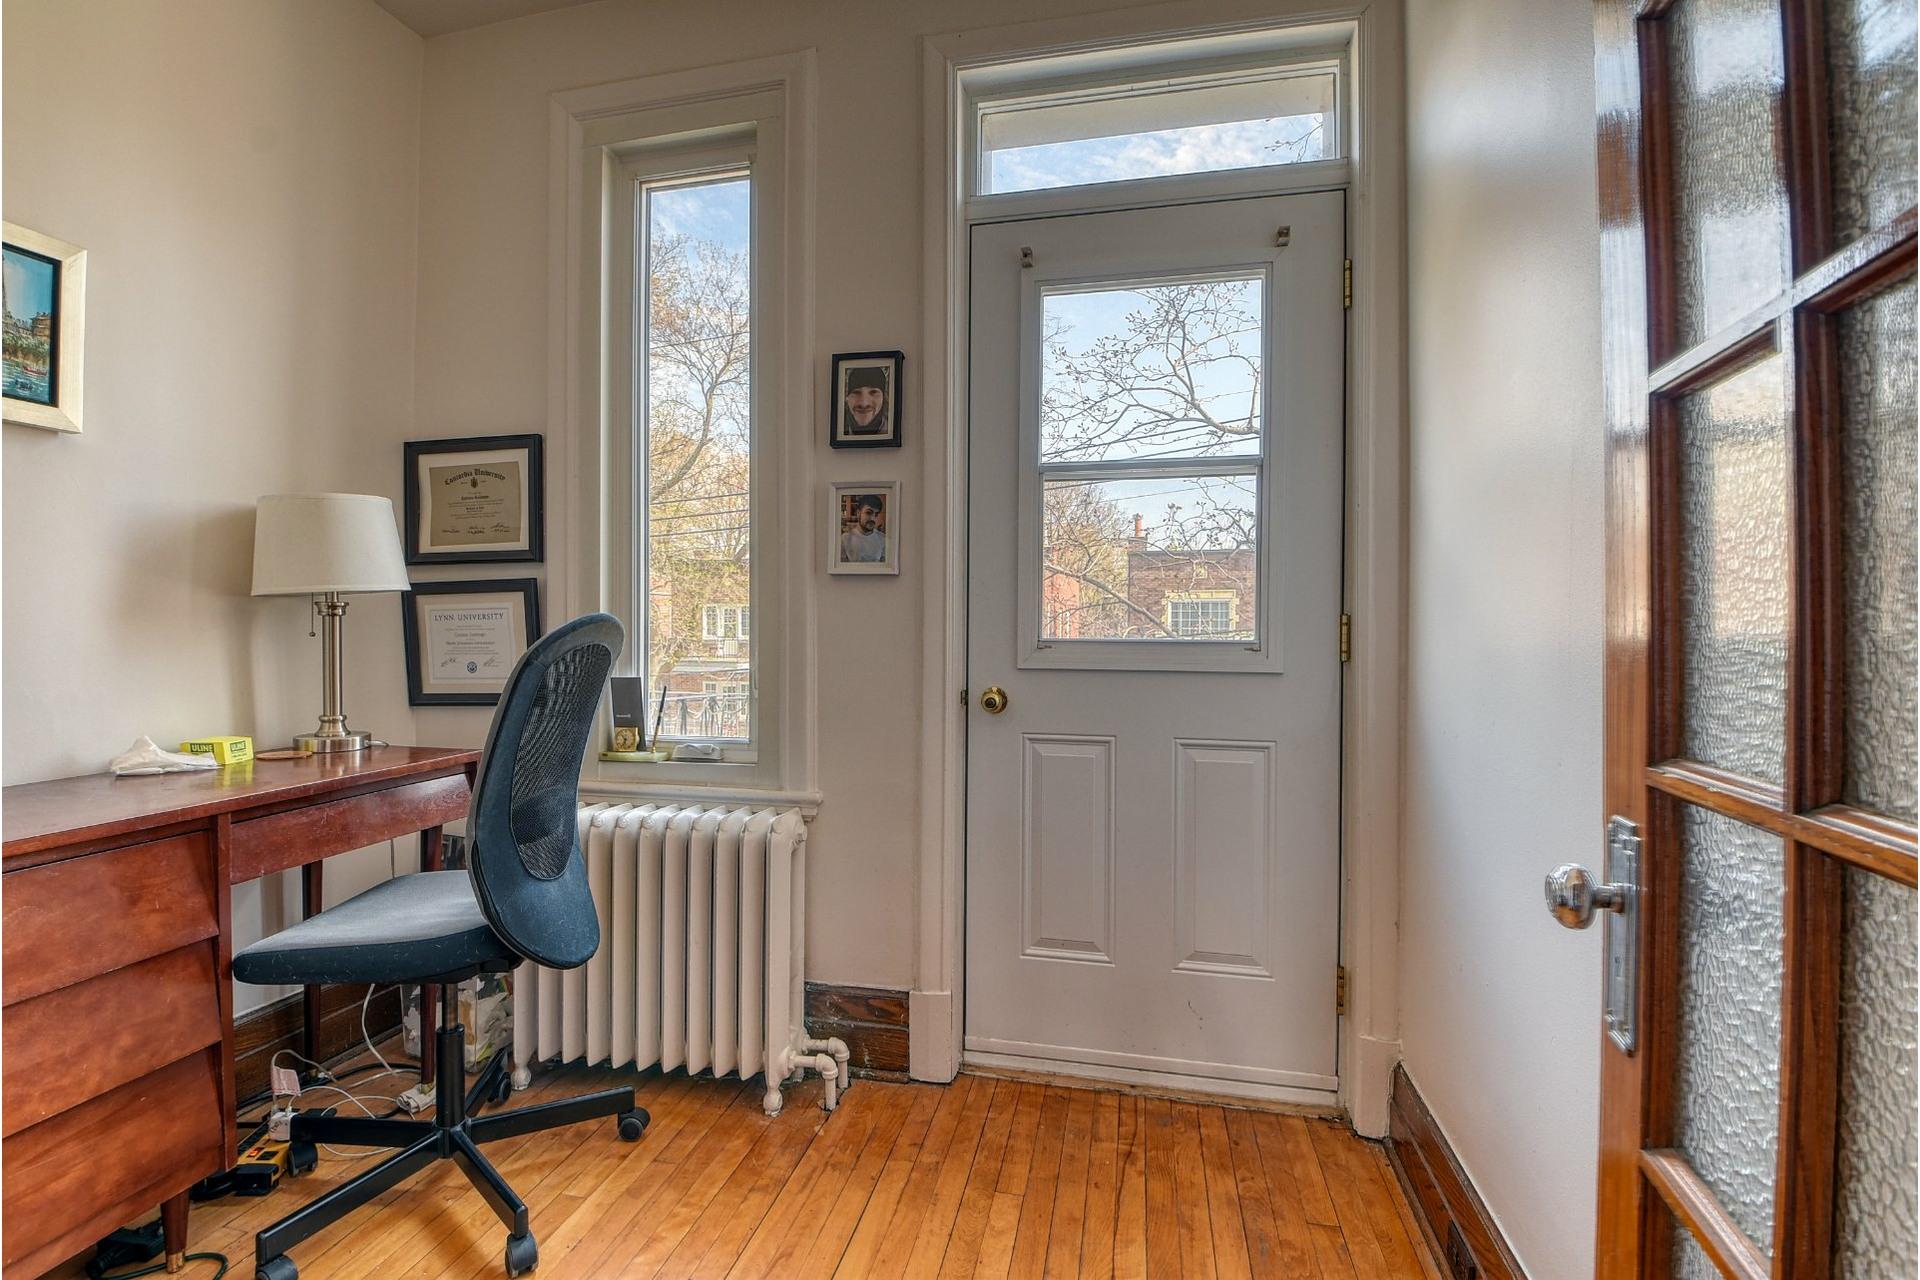 image 4 - Apartment For rent Côte-des-Neiges/Notre-Dame-de-Grâce Montréal  - 6 rooms